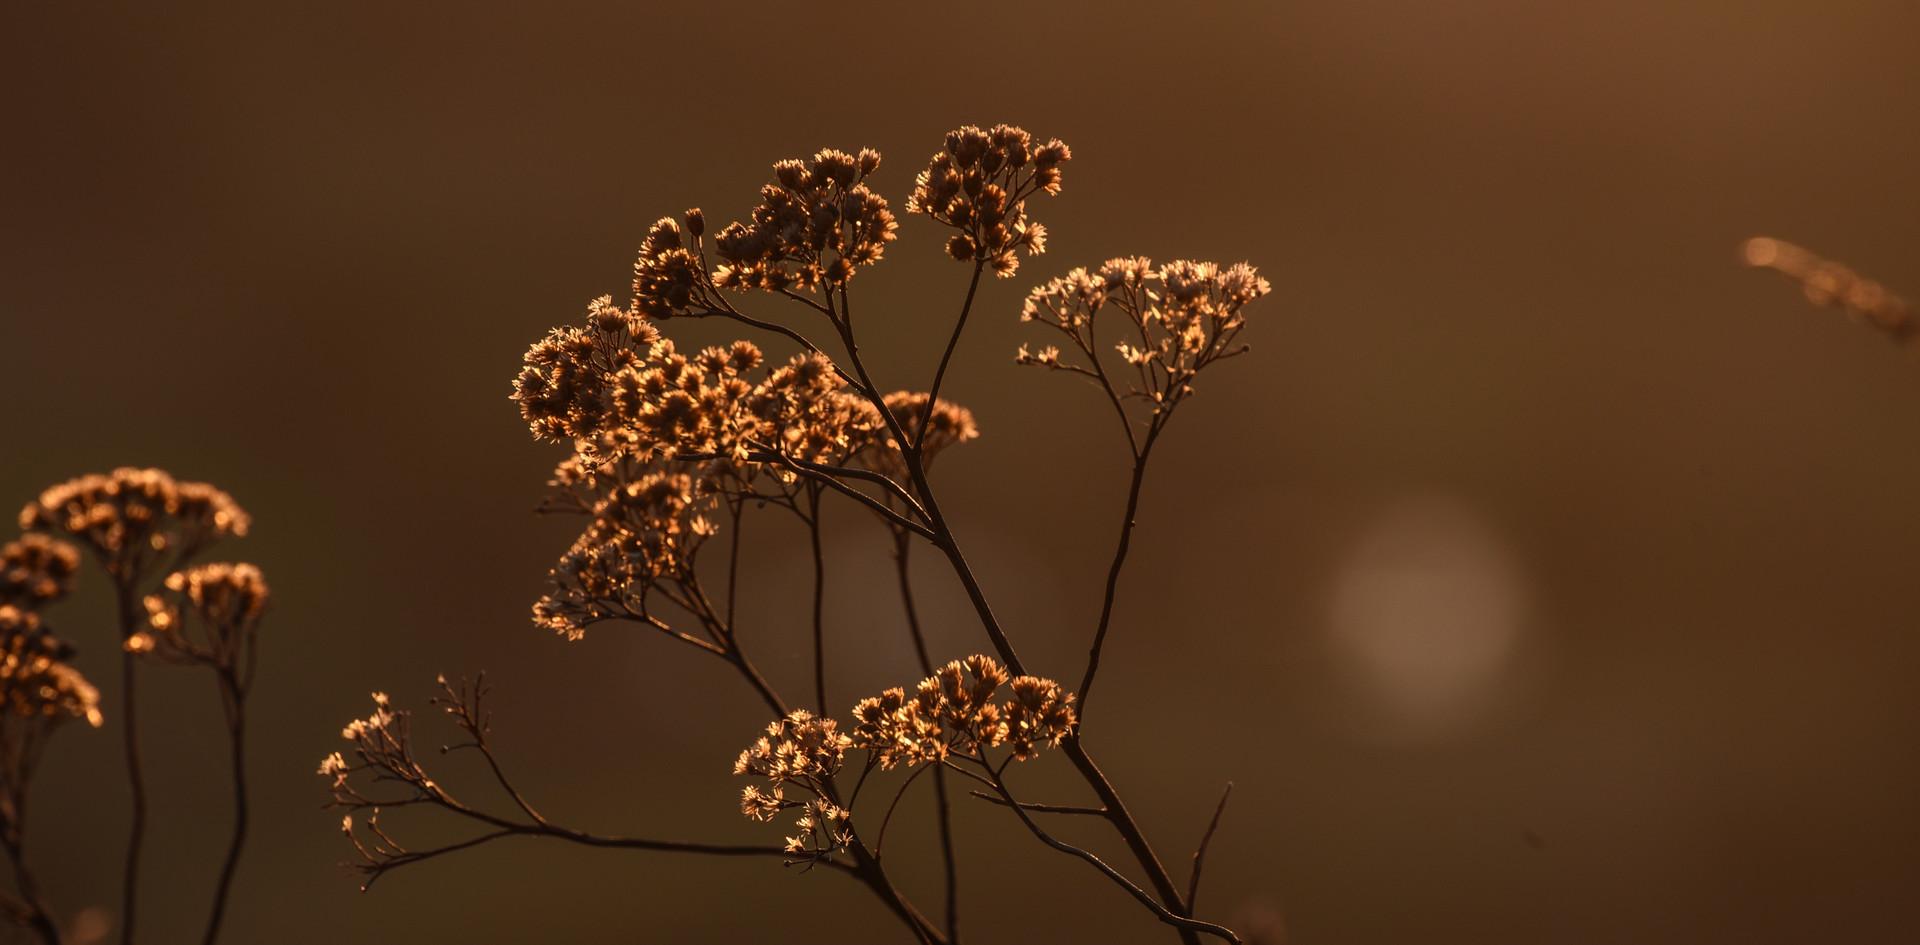 Sunlight Fauna